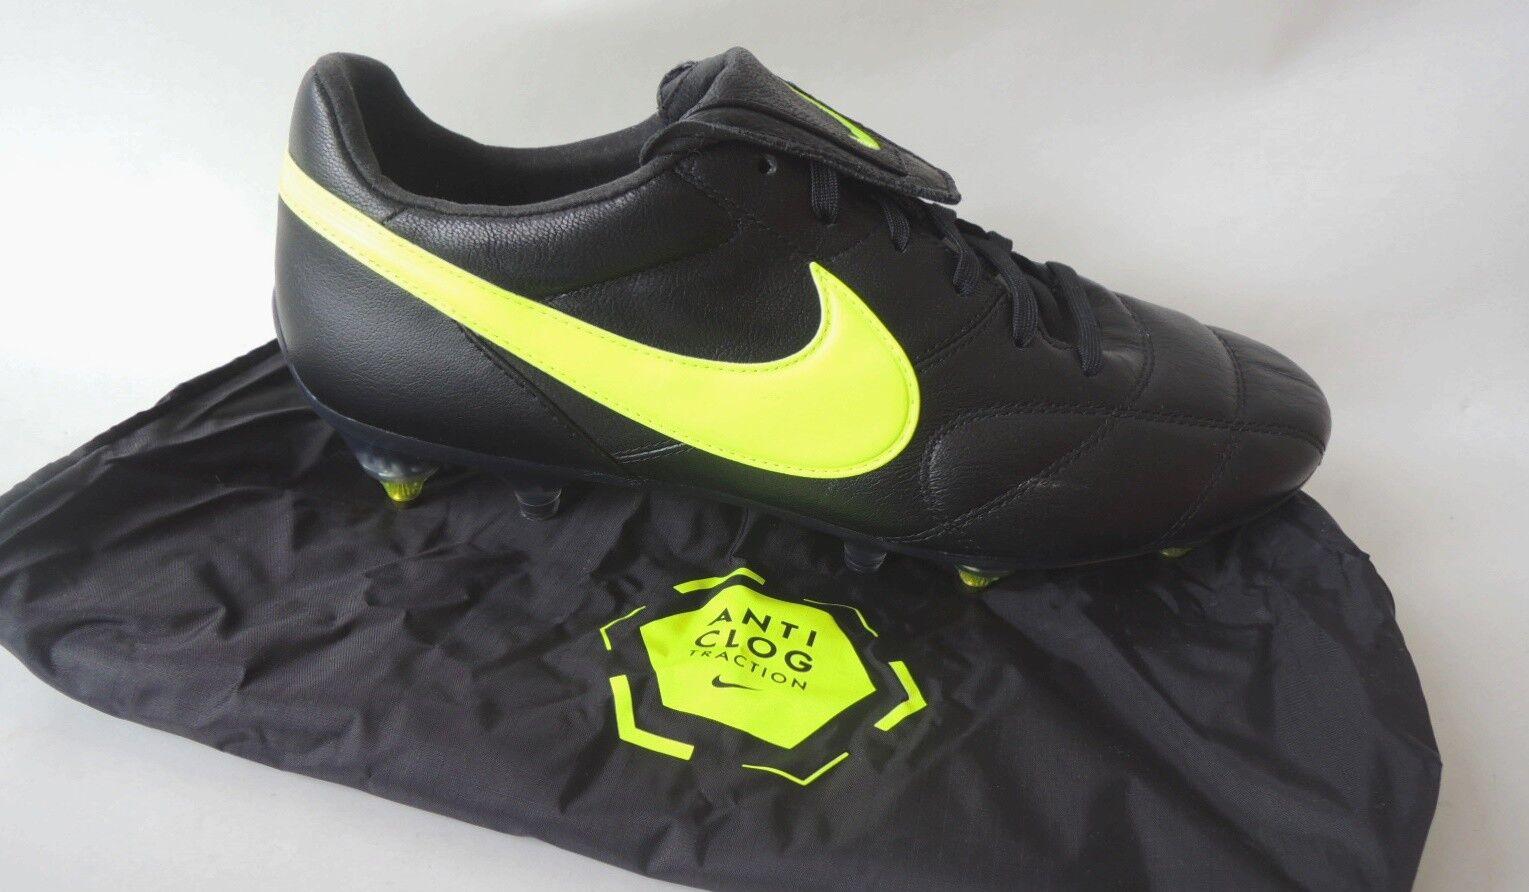 NEU Premier II SG Pro AC Anti Clog Größe 43 Leder Fußballschuhe 921397-001